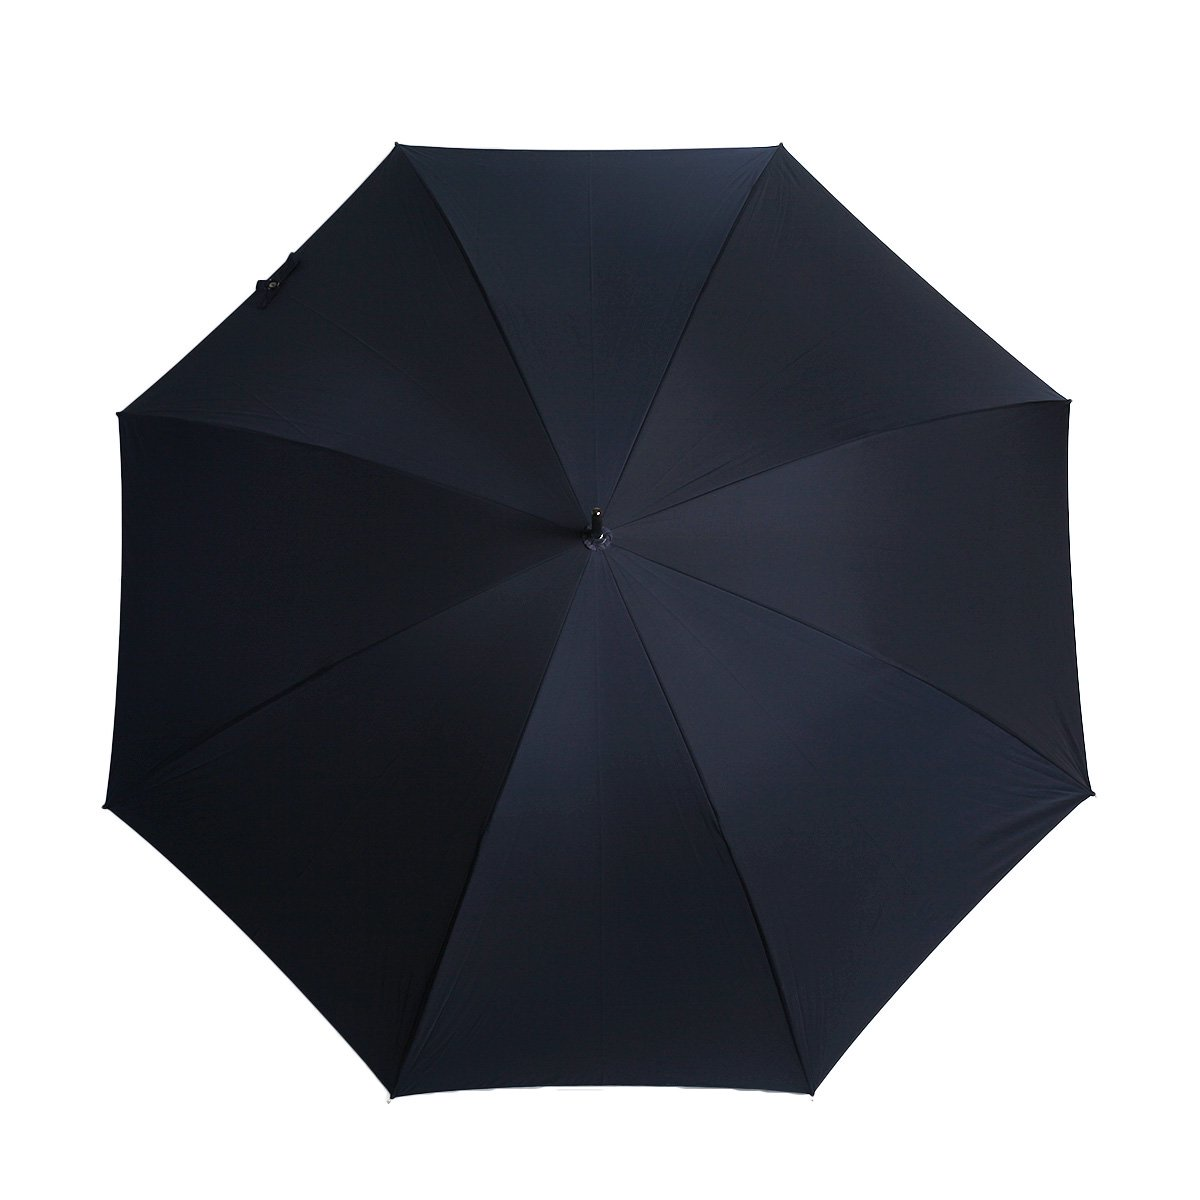 強力撥水 レインドロップ レクタス 大判 長傘 詳細画像7